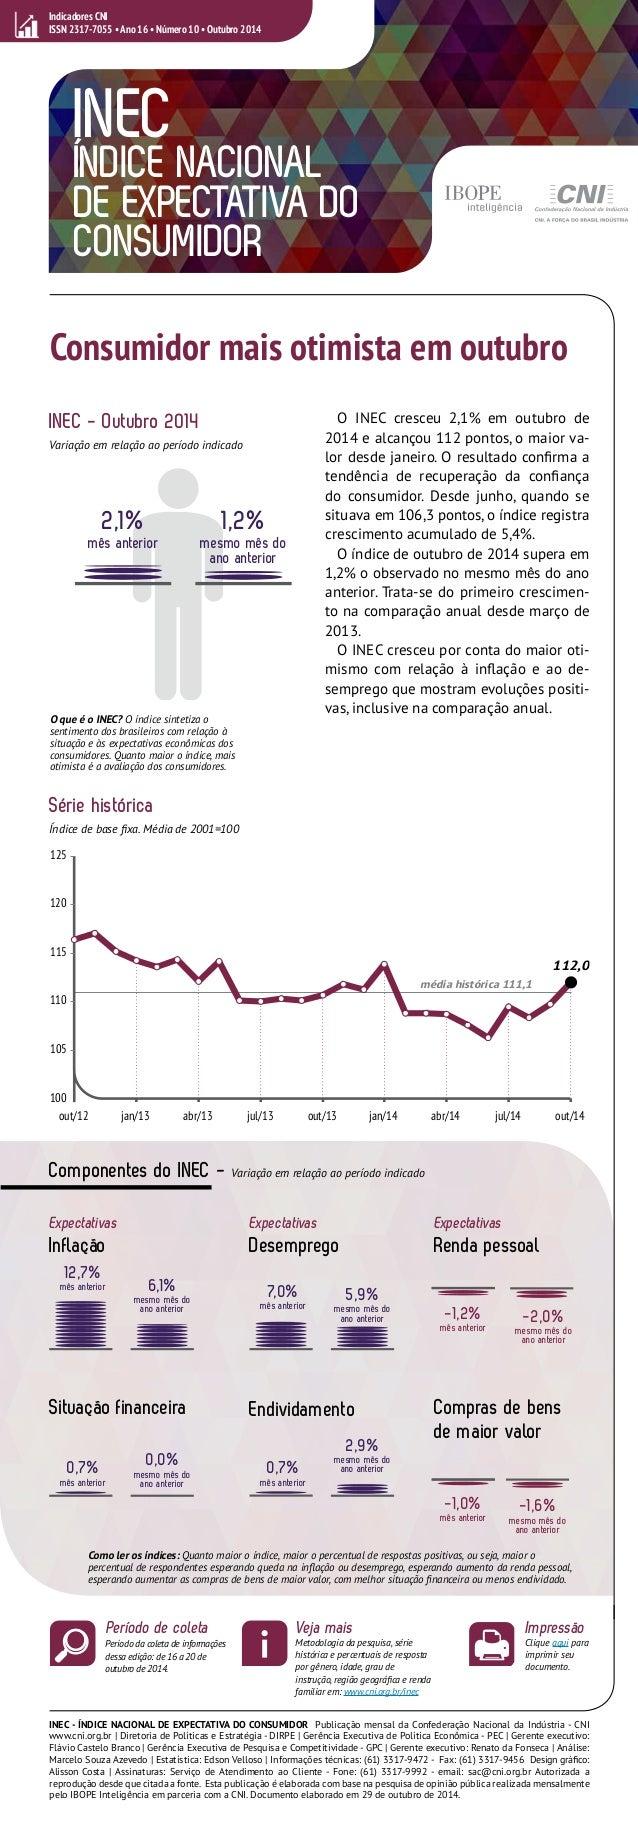 Indicadores CNI  ISSN 2317-7055 • Ano 16 • Número 10 • Outubro 2014  INEC  ÍNDICE NACIONAL  DE EXPECTATIVA DO  CONSUMIDOR ...